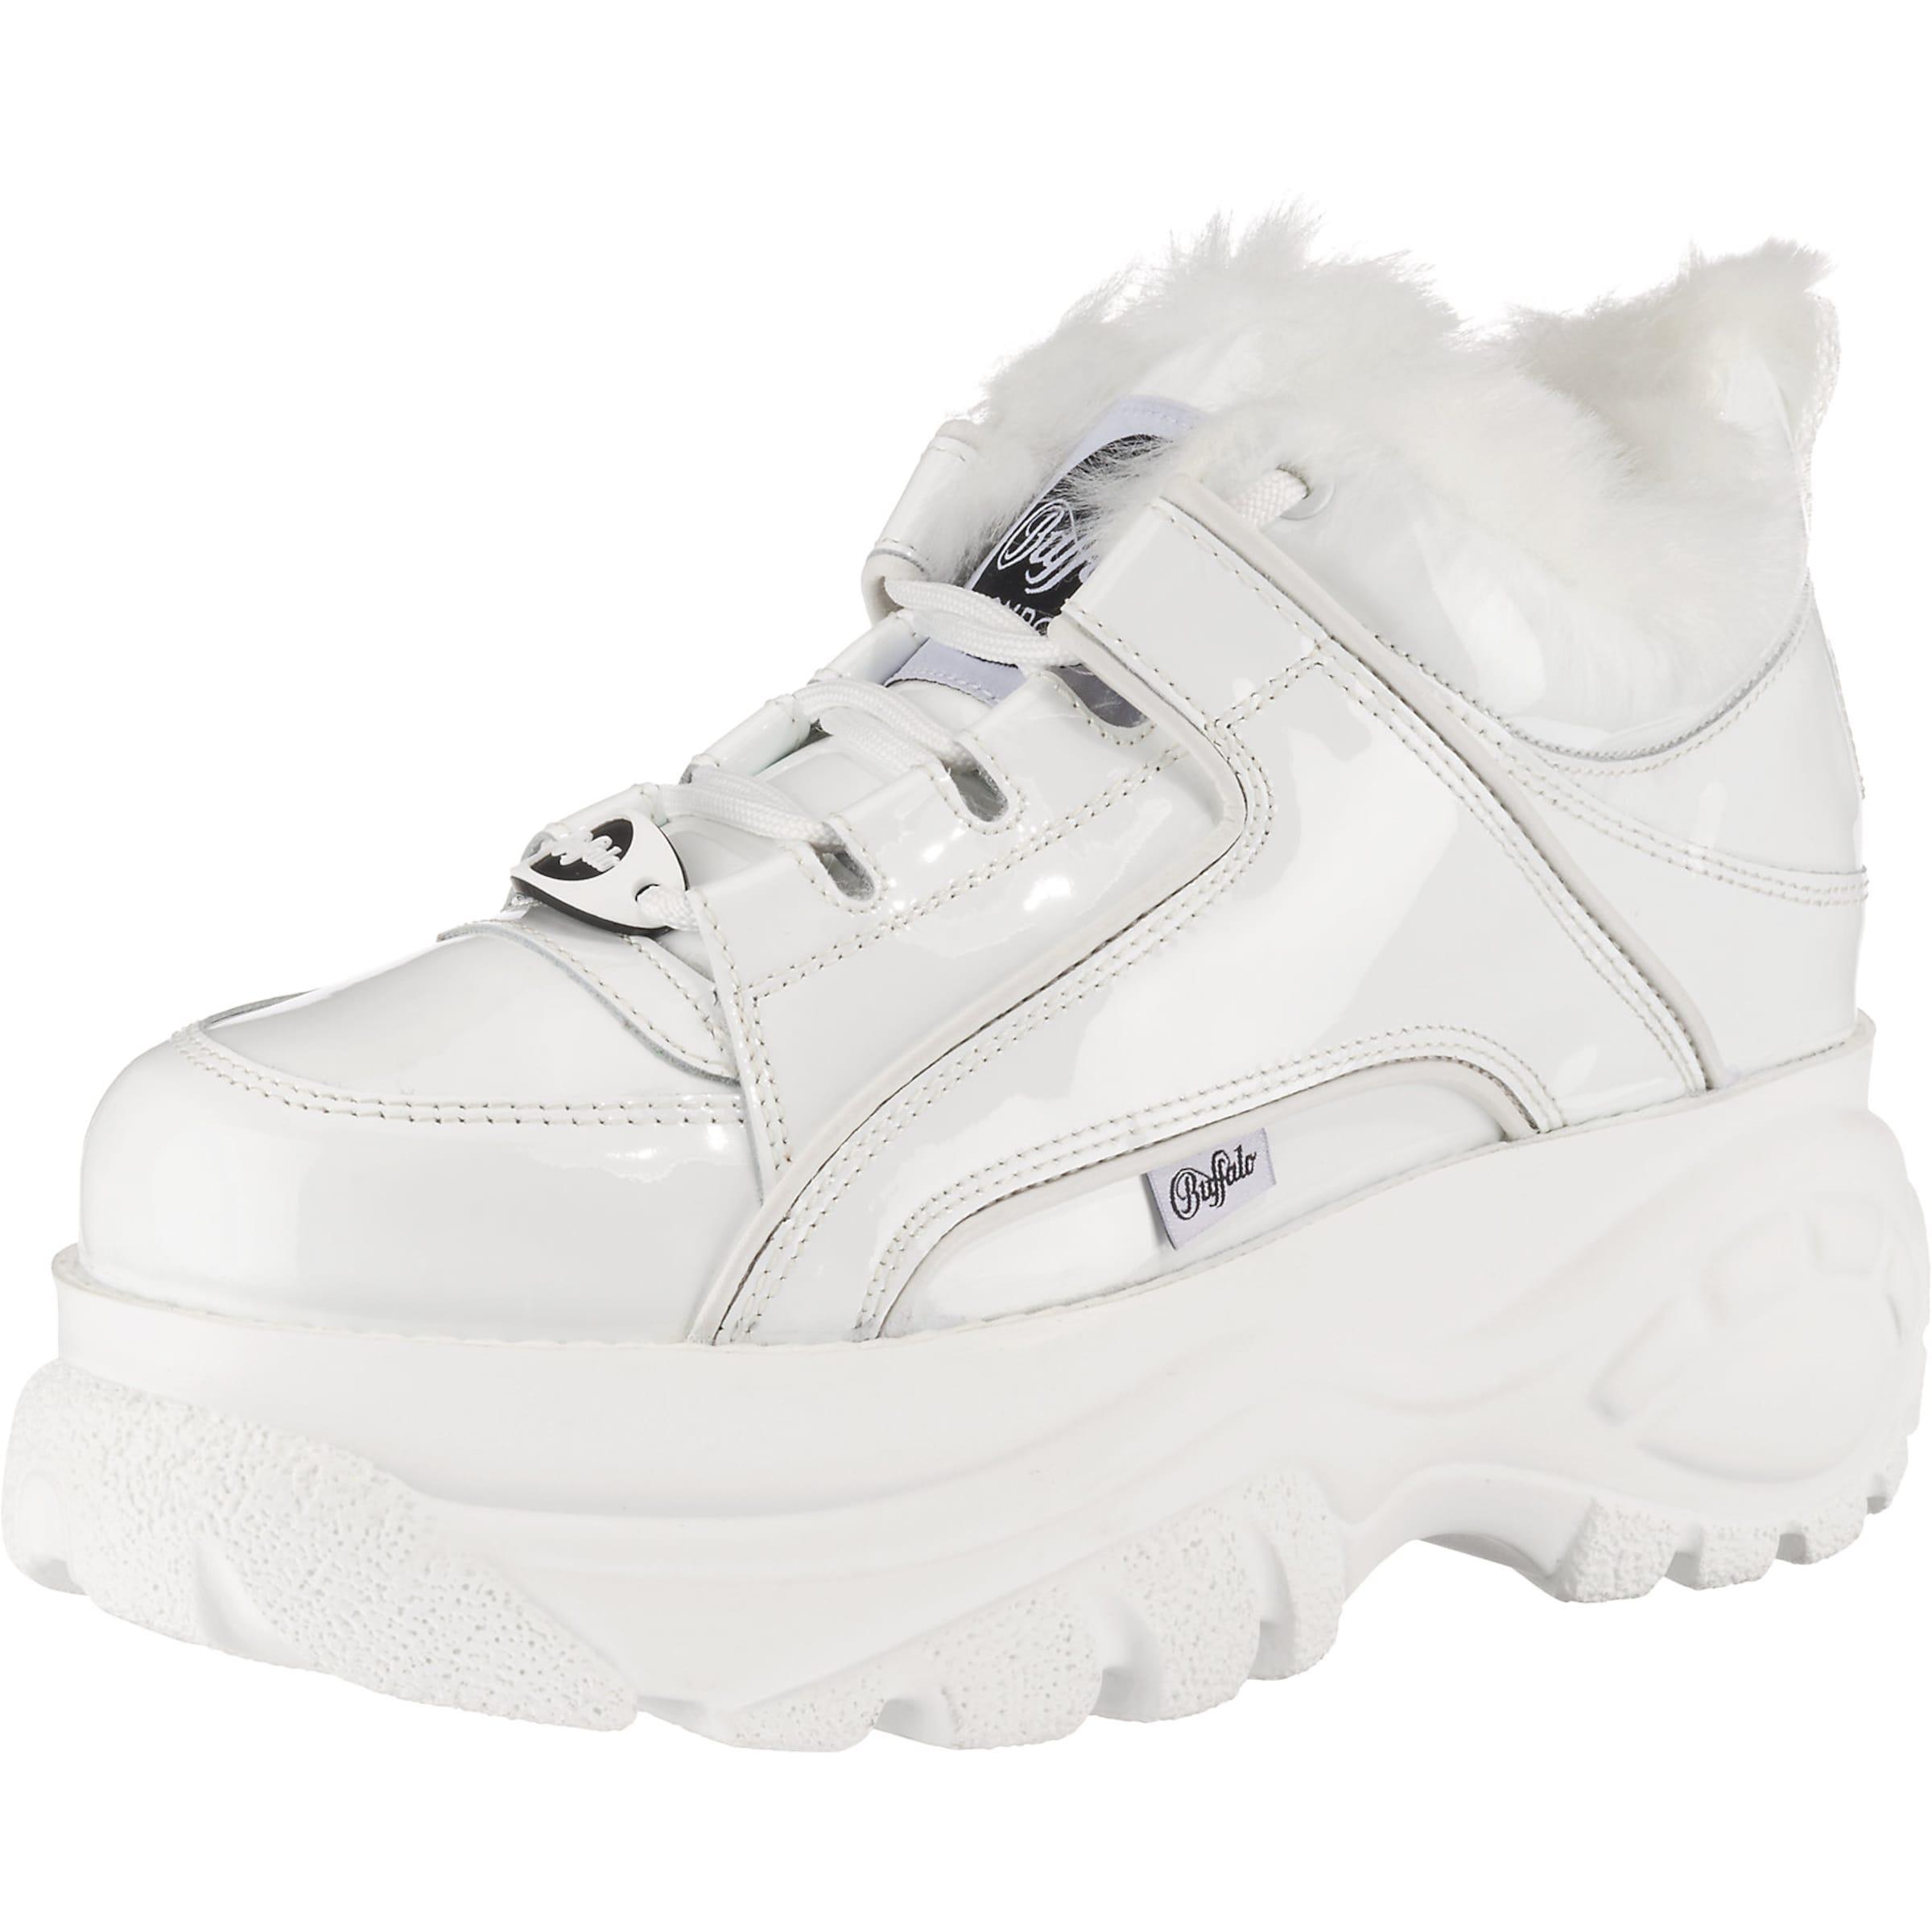 Buffalo Low London Weiß Sneakers In pSUMzV